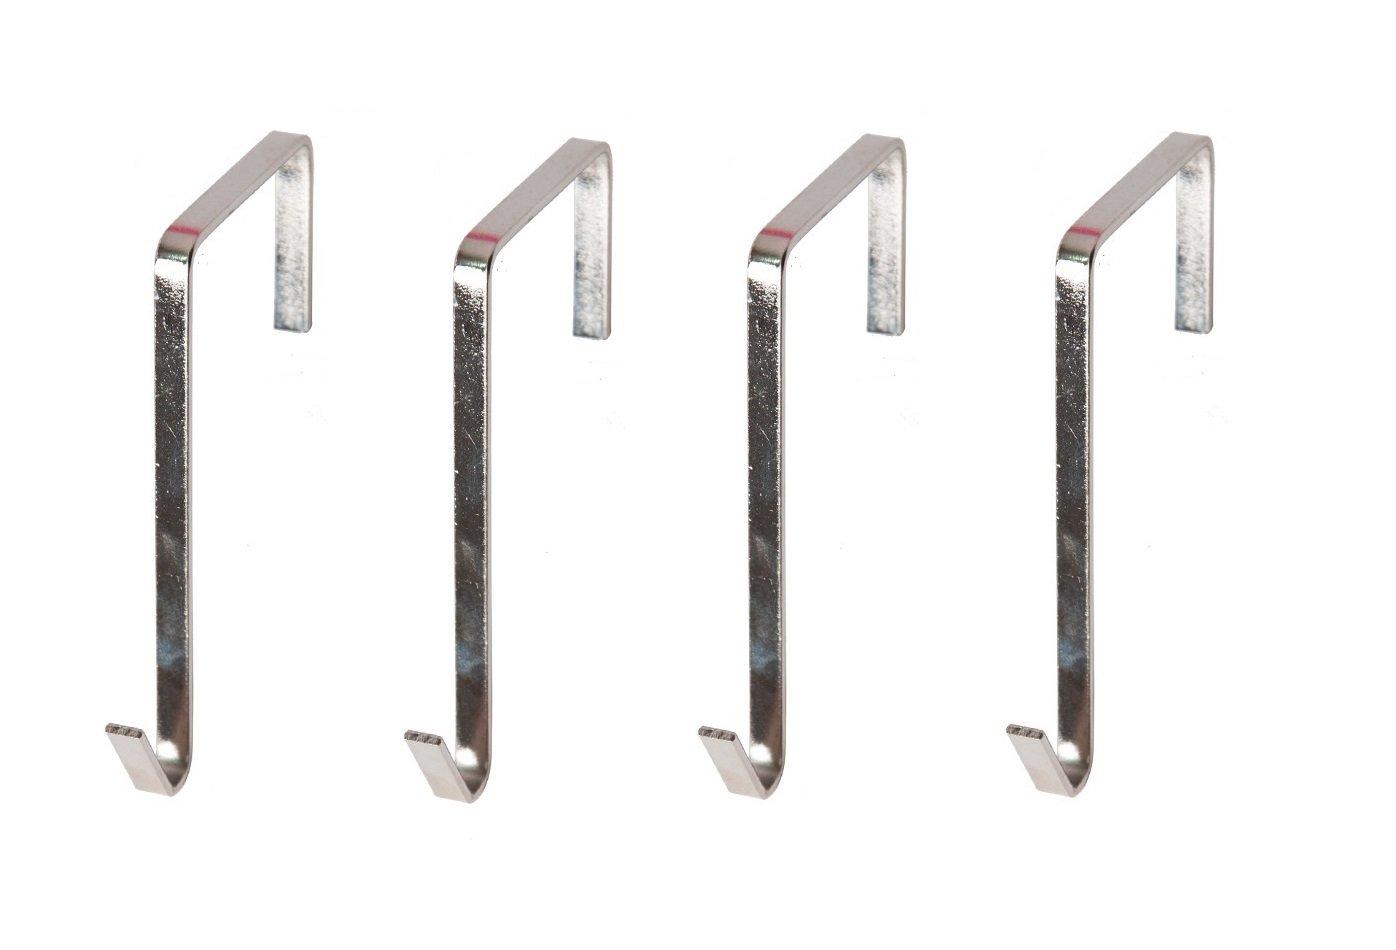 NIMES Over The Door Hanging Metal Hooks Hangers (4 Packs)